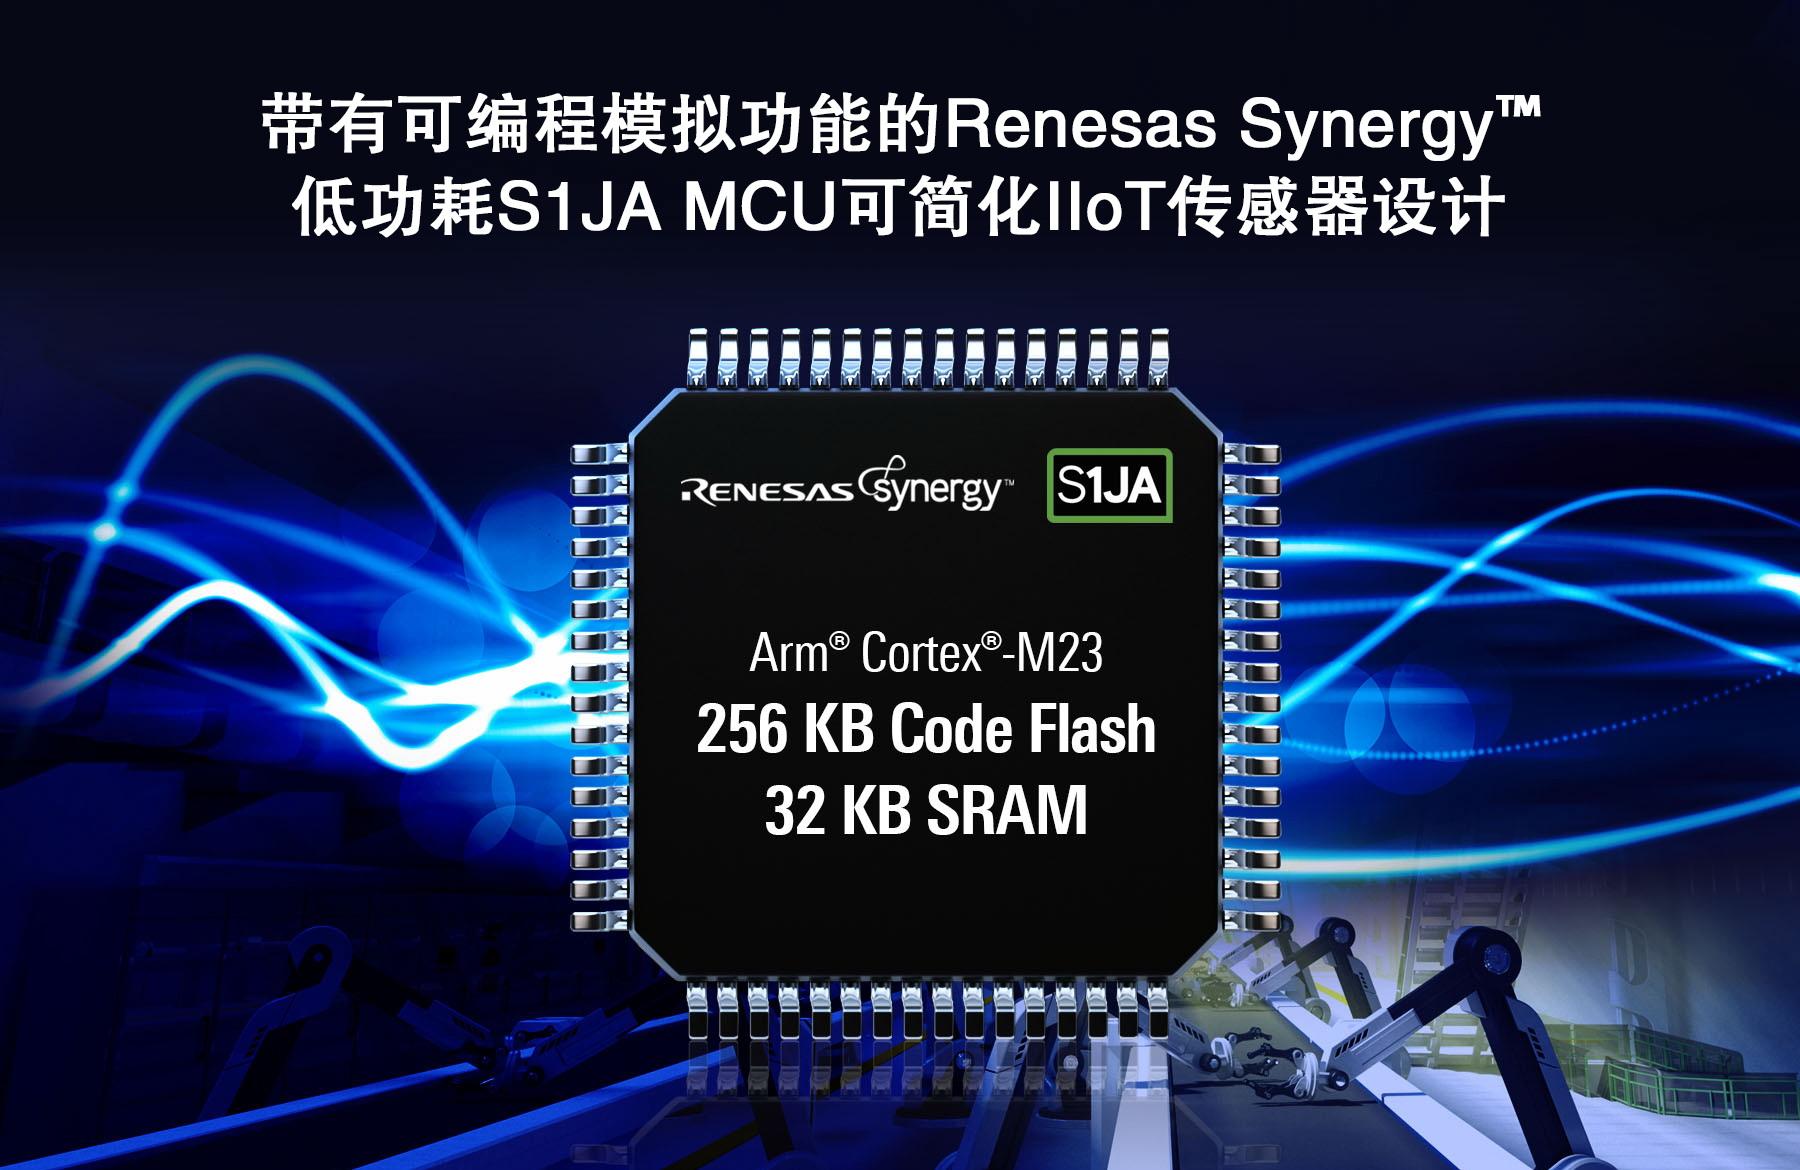 内置可编程模拟功能的新型Renesas Synergy™低功耗S1JA微控制器 简化工业物联网传感器应用设计并降低物料成本